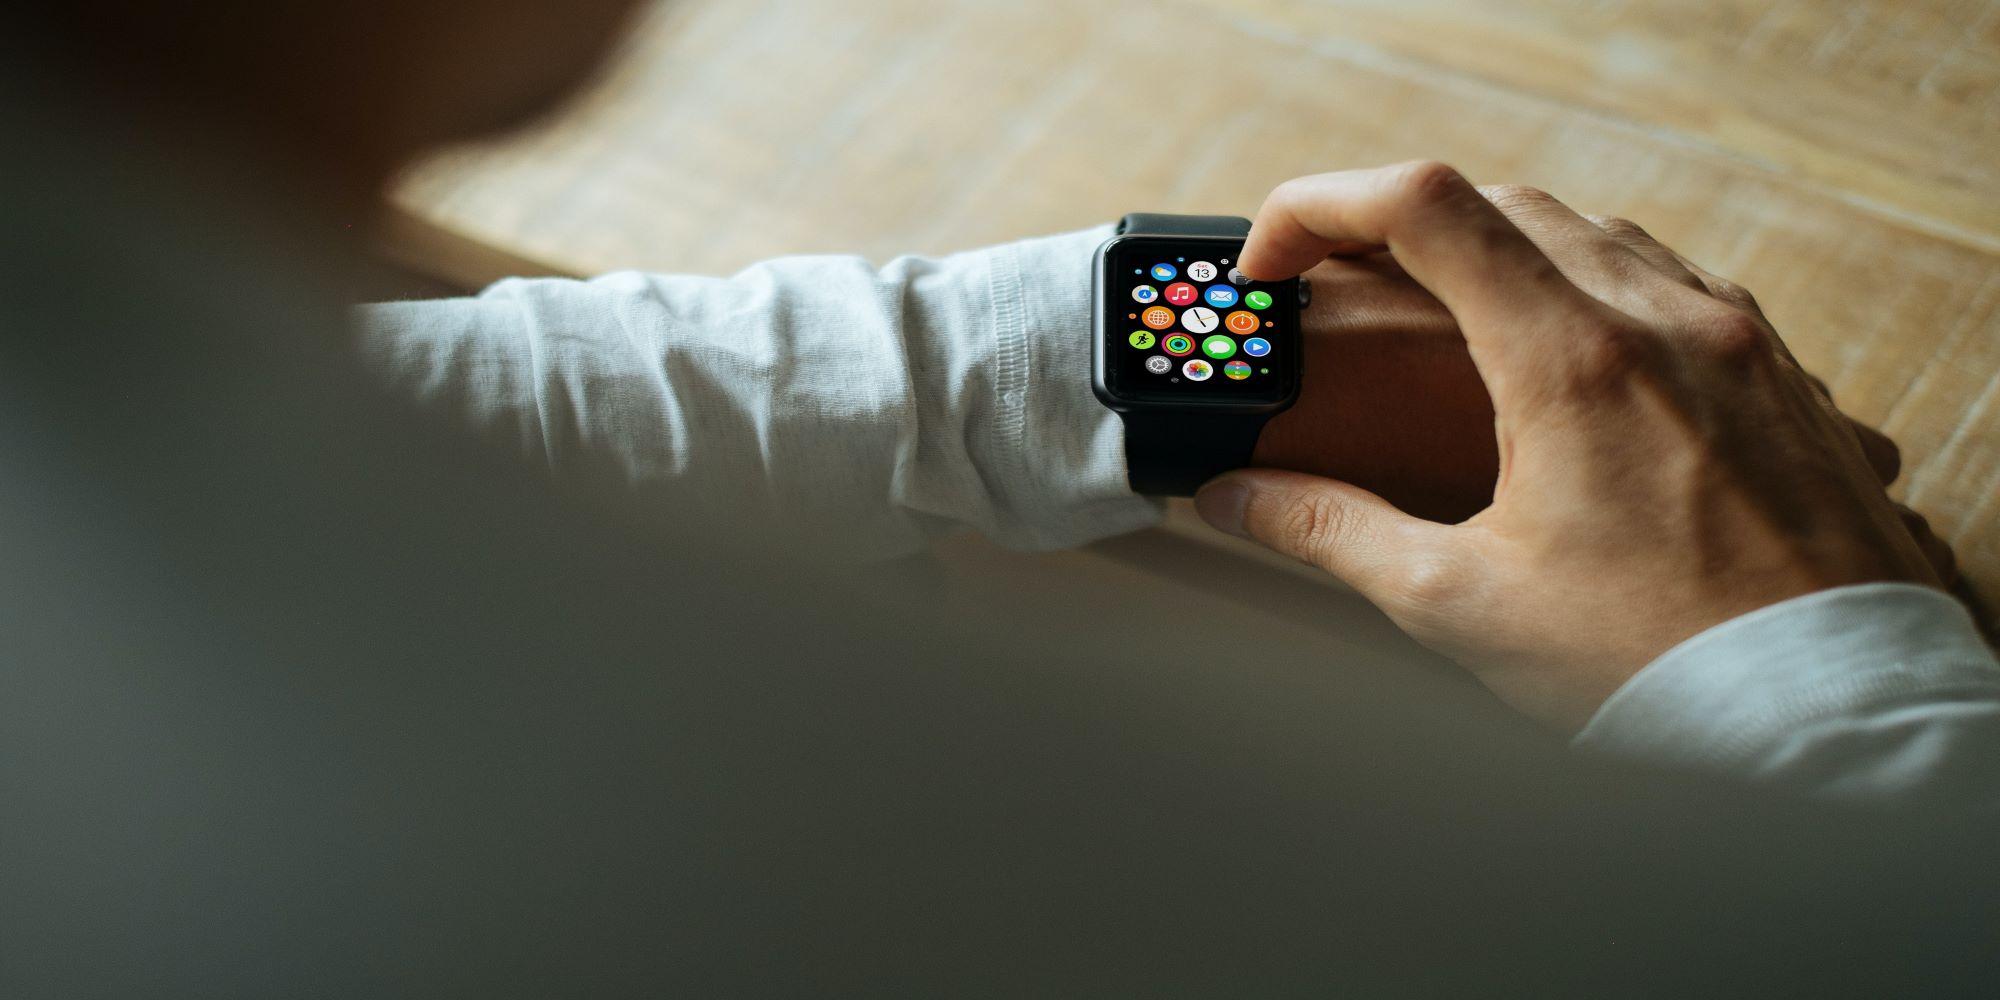 International Marketing News: Facebook Is Developing A Smartwatch